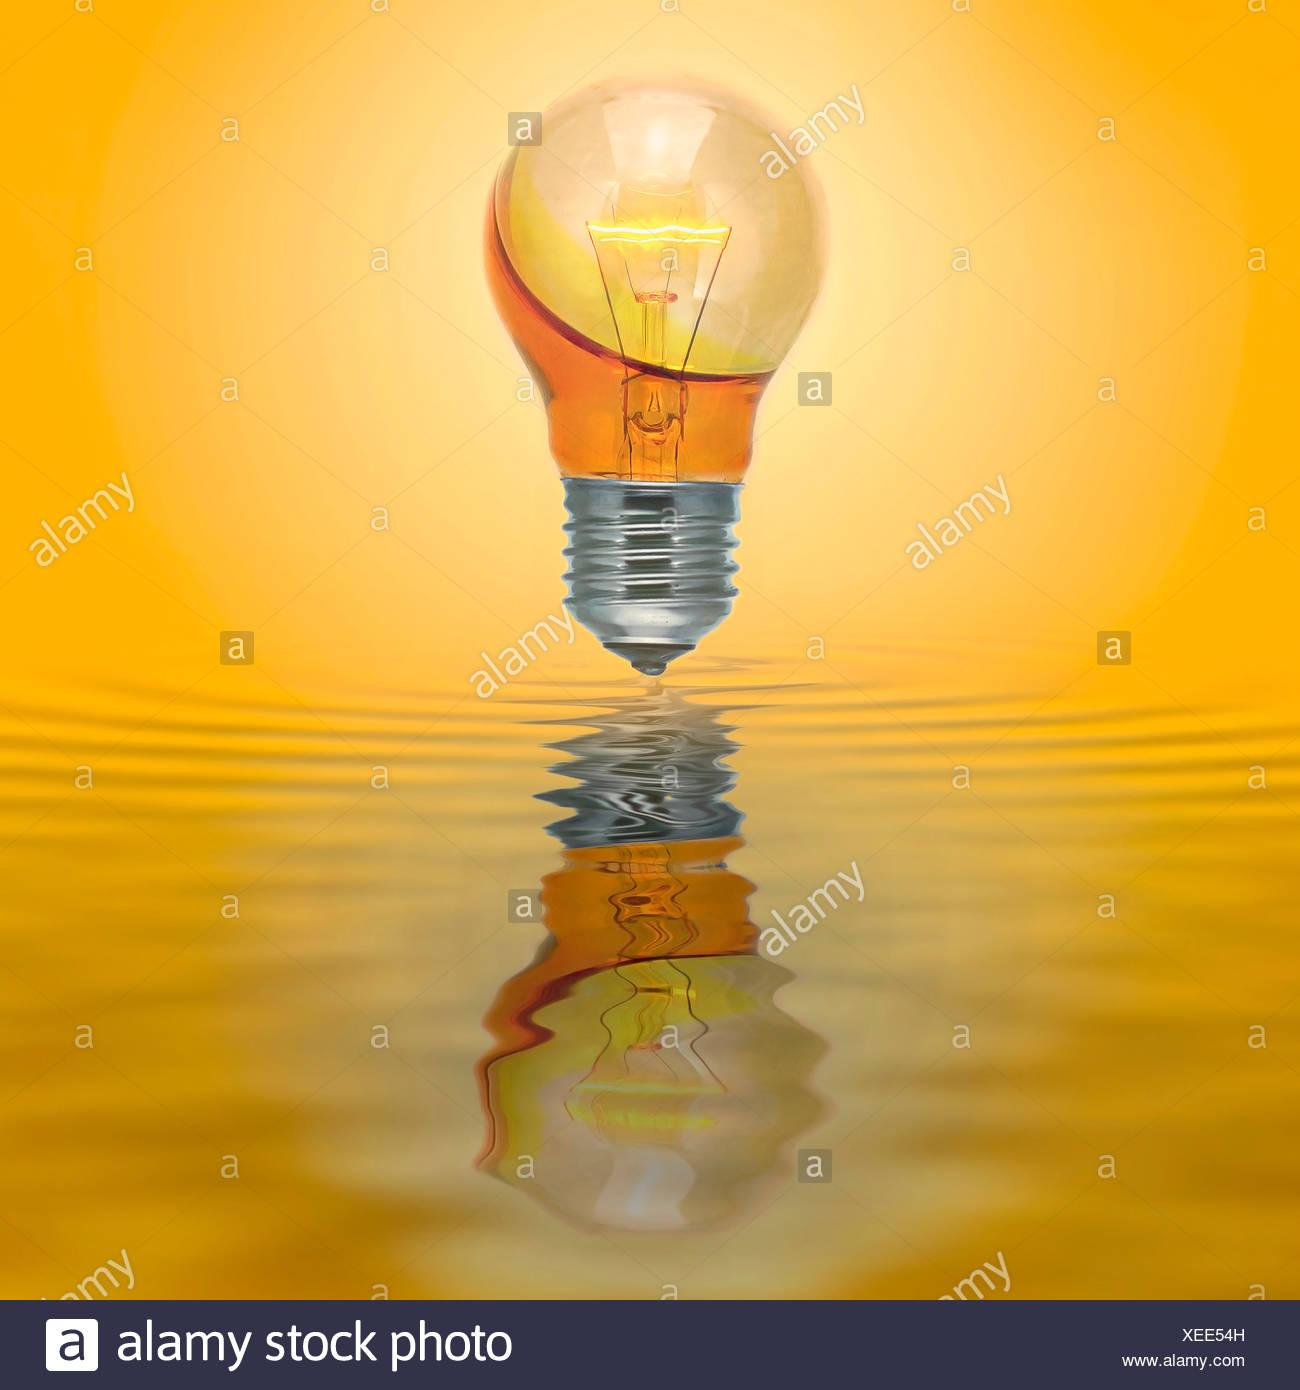 Erleuchte Lampe mit keine elektrische Verbindung mit gelben Wasser gefüllt Stockbild